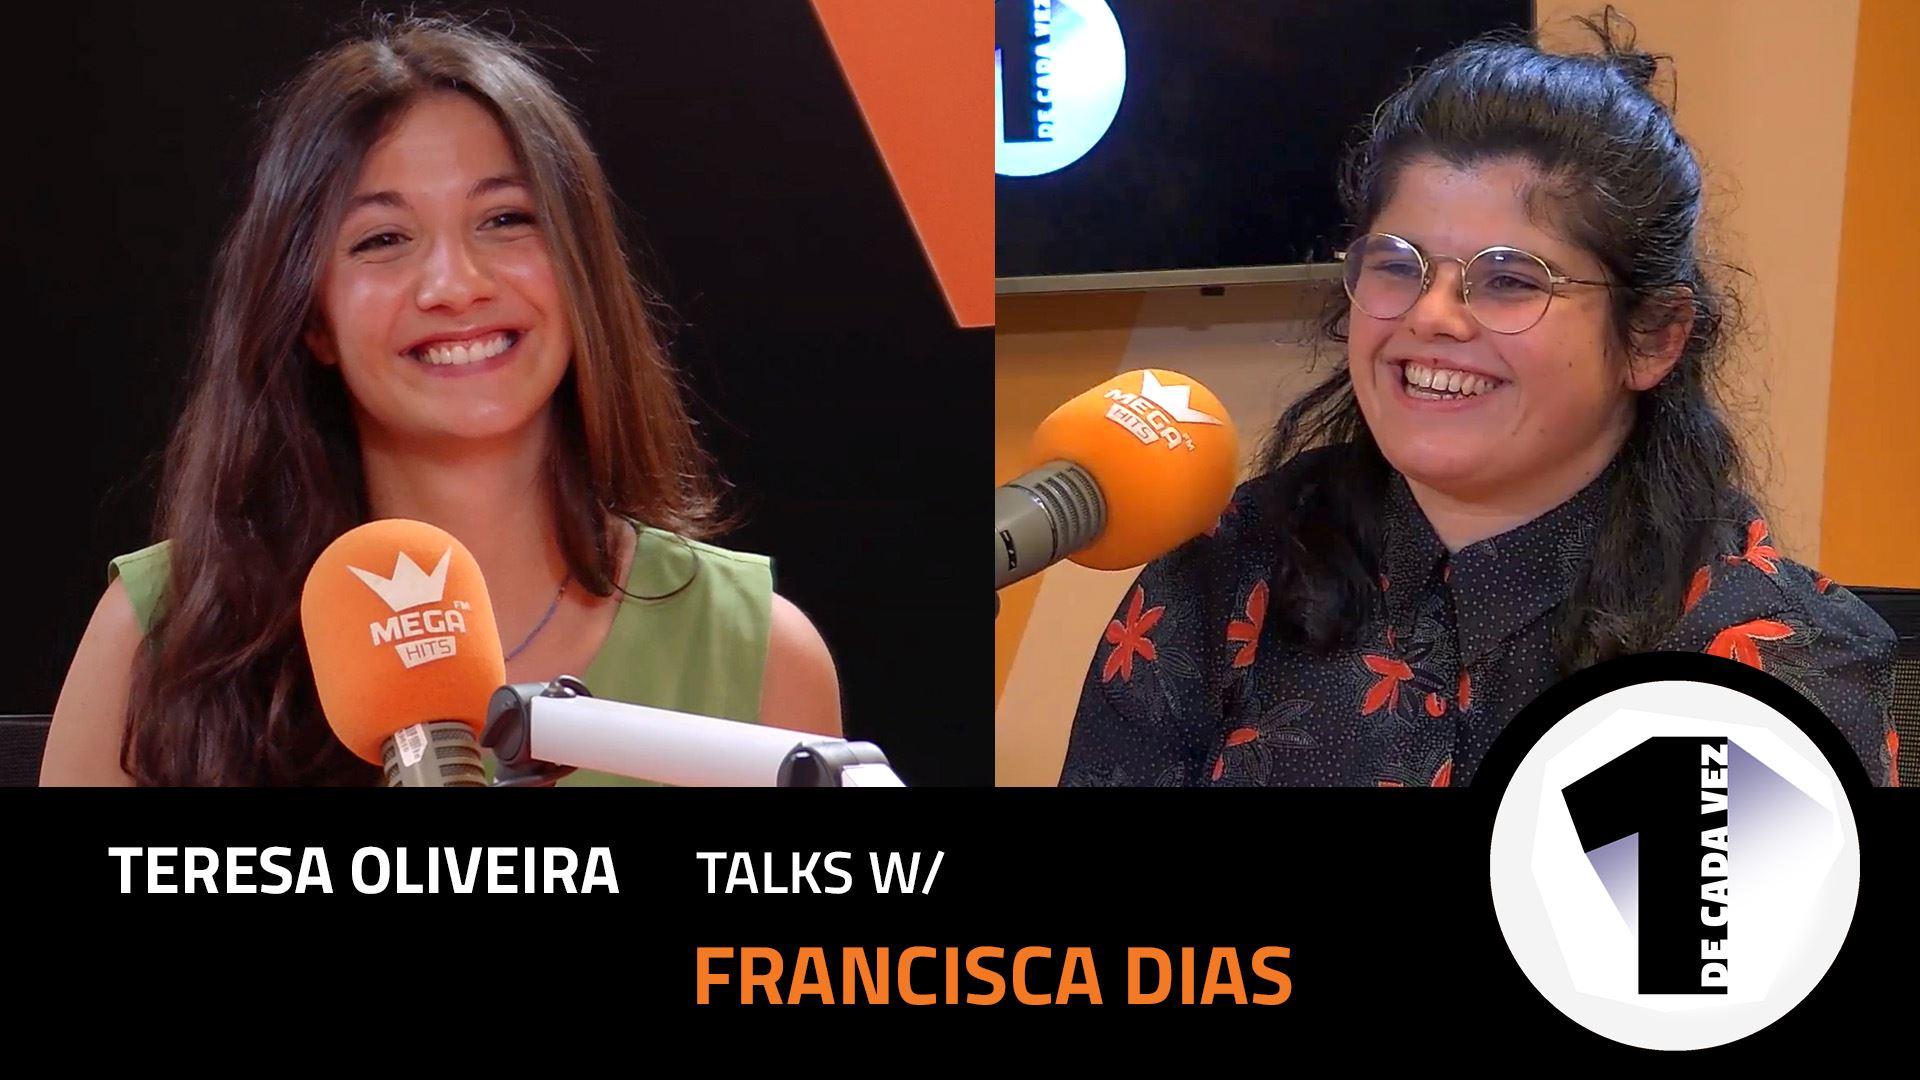 EP. 28   TERESA OLIVEIRA X FRANCISCA DIAS